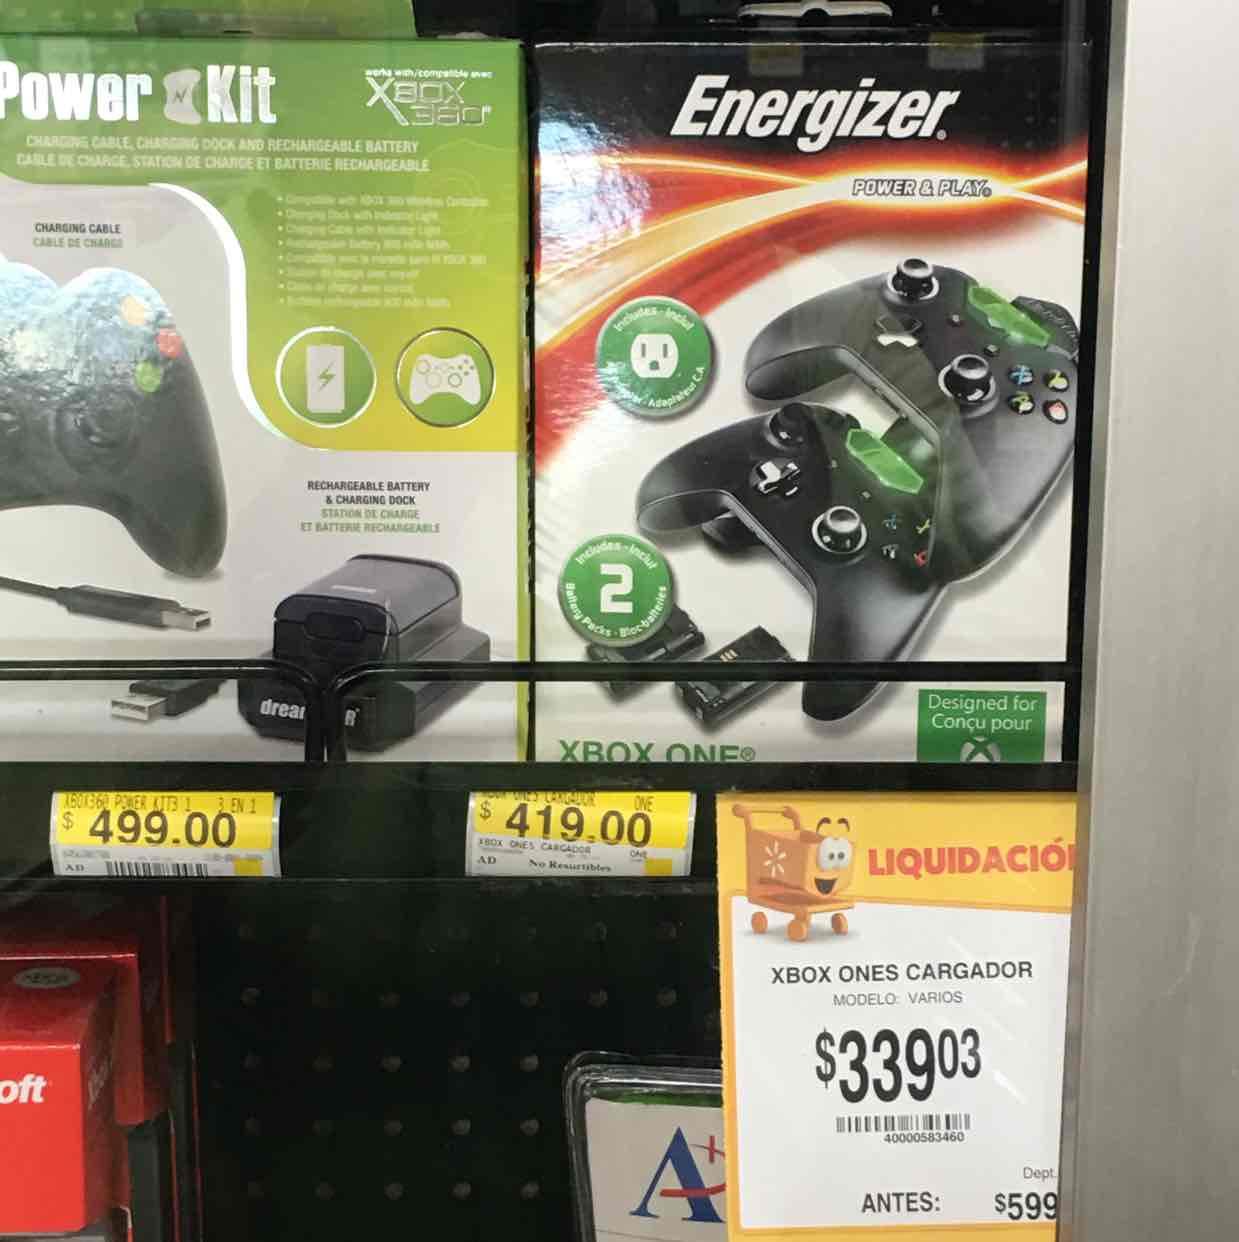 Walmart Patio Guaymas: cargadores Energizer para Xbox One a $339.03